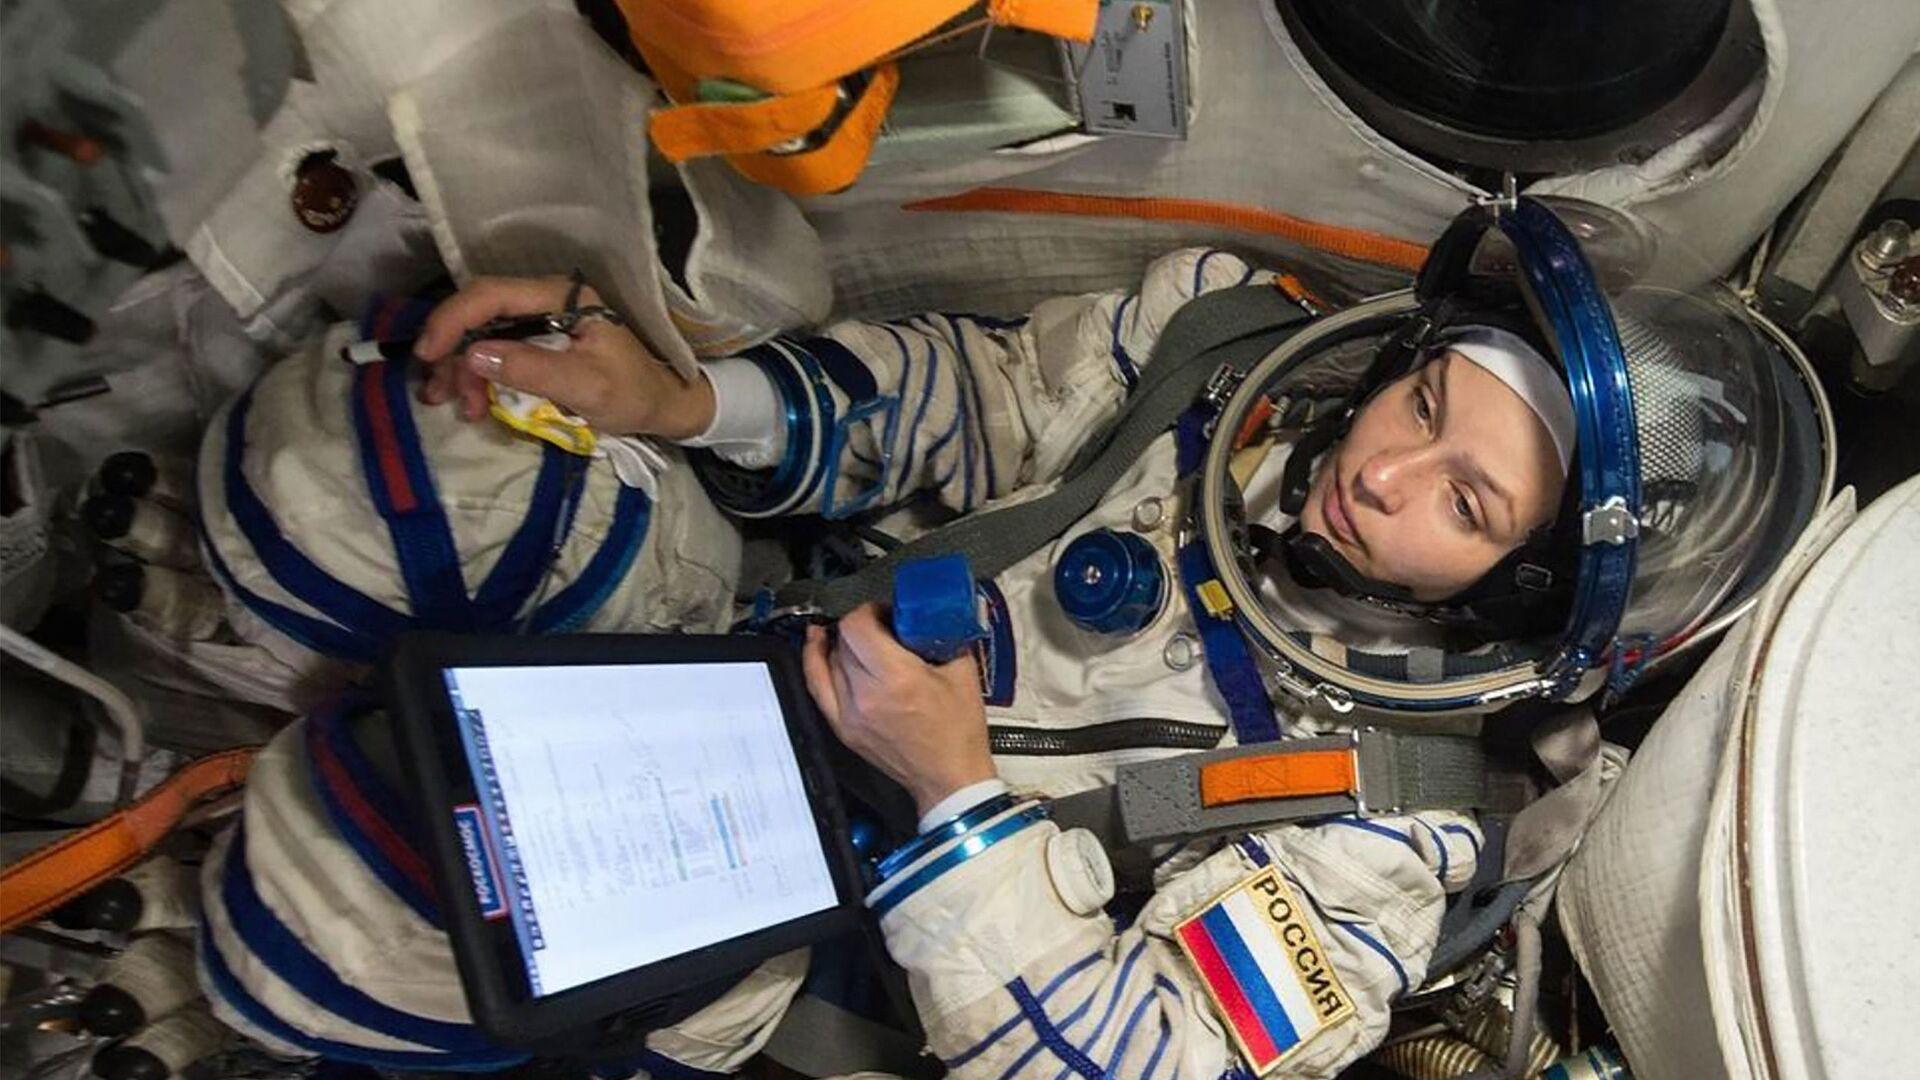 Юлия Пересильд готовится к полету на МКС - Sputnik Грузия, 1920, 04.10.2021